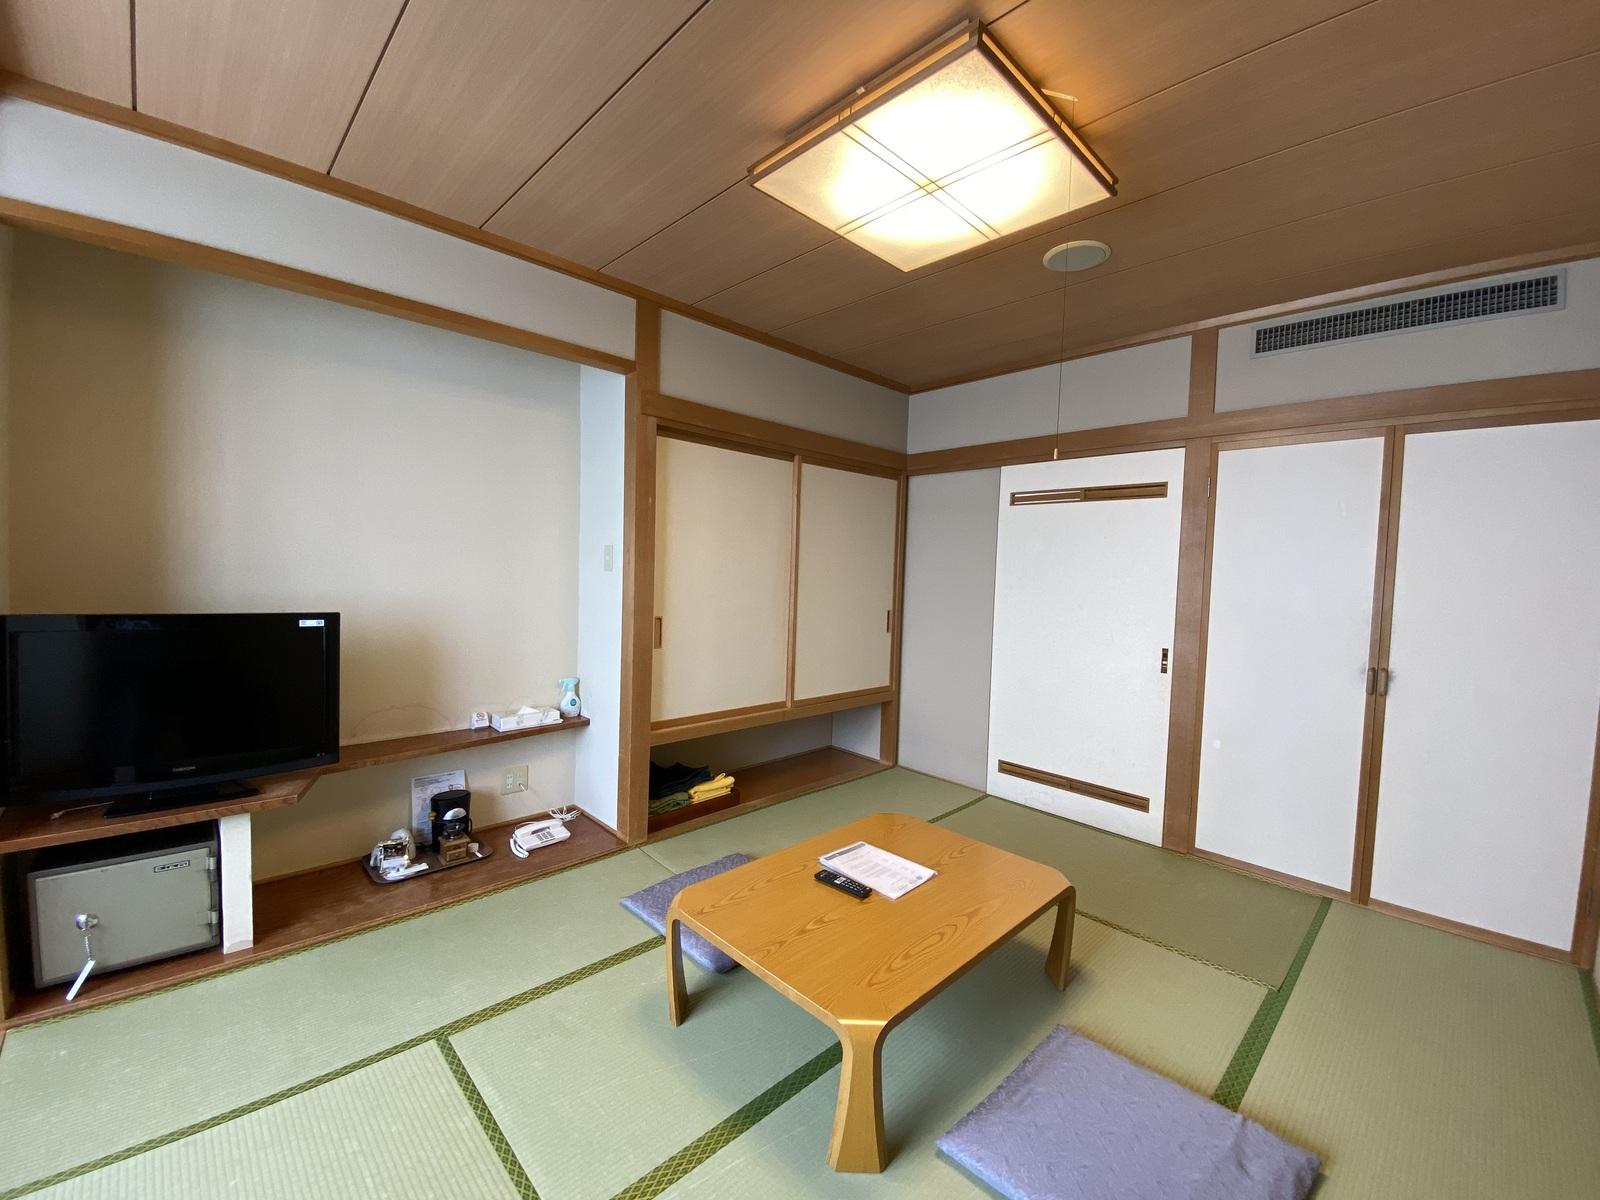 満天の星空を堪能するリゾート 芦別温泉スターライトホテル / ■和室10畳■バス無し・禁煙